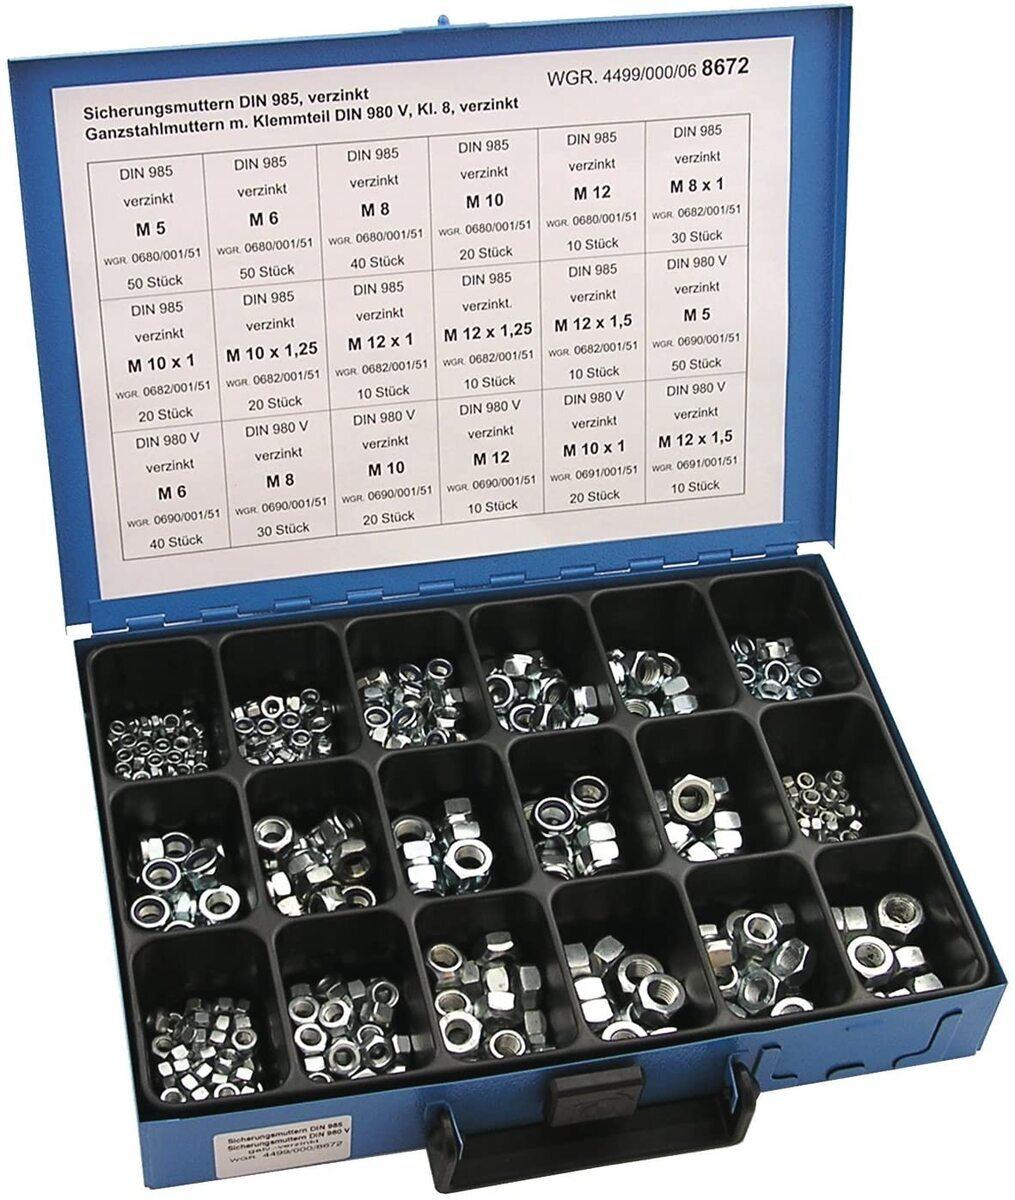 Pojistné matice 6hranné DIN 985 a DIN 980 V, pozinkované, sada 450 ks v kufru